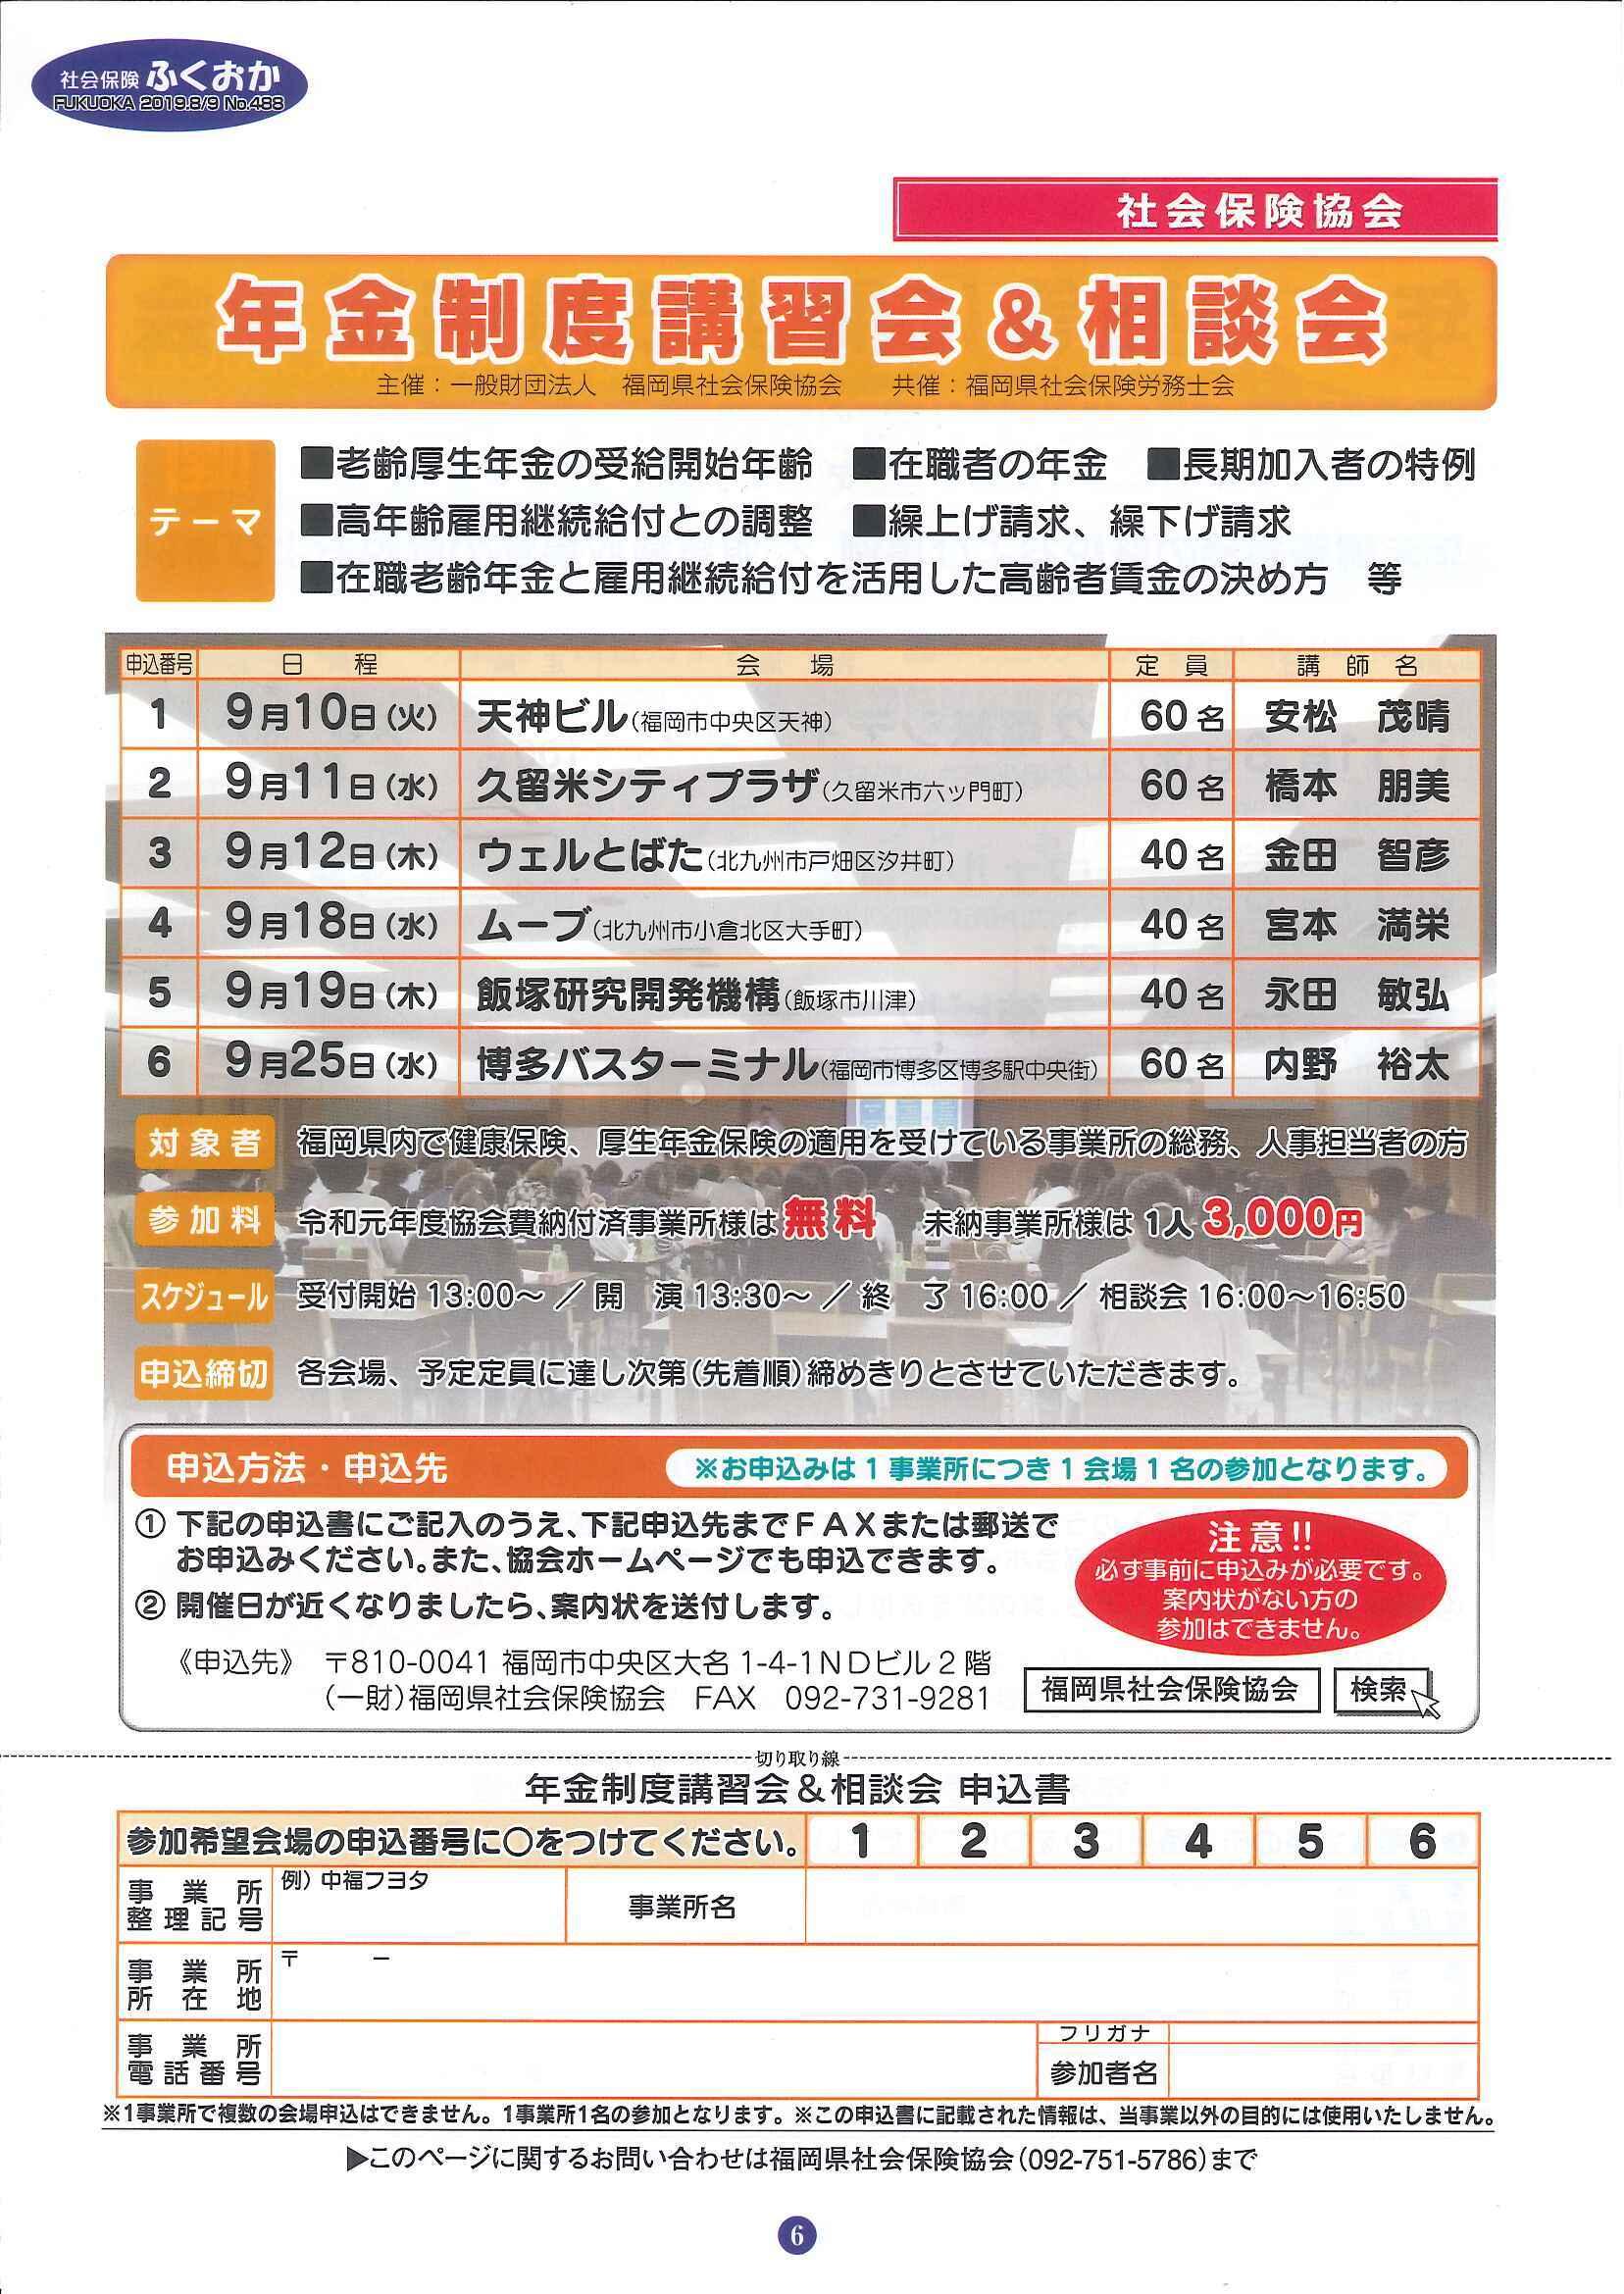 社会保険 ふくおか 2019年8・9月号_f0120774_15461384.jpg